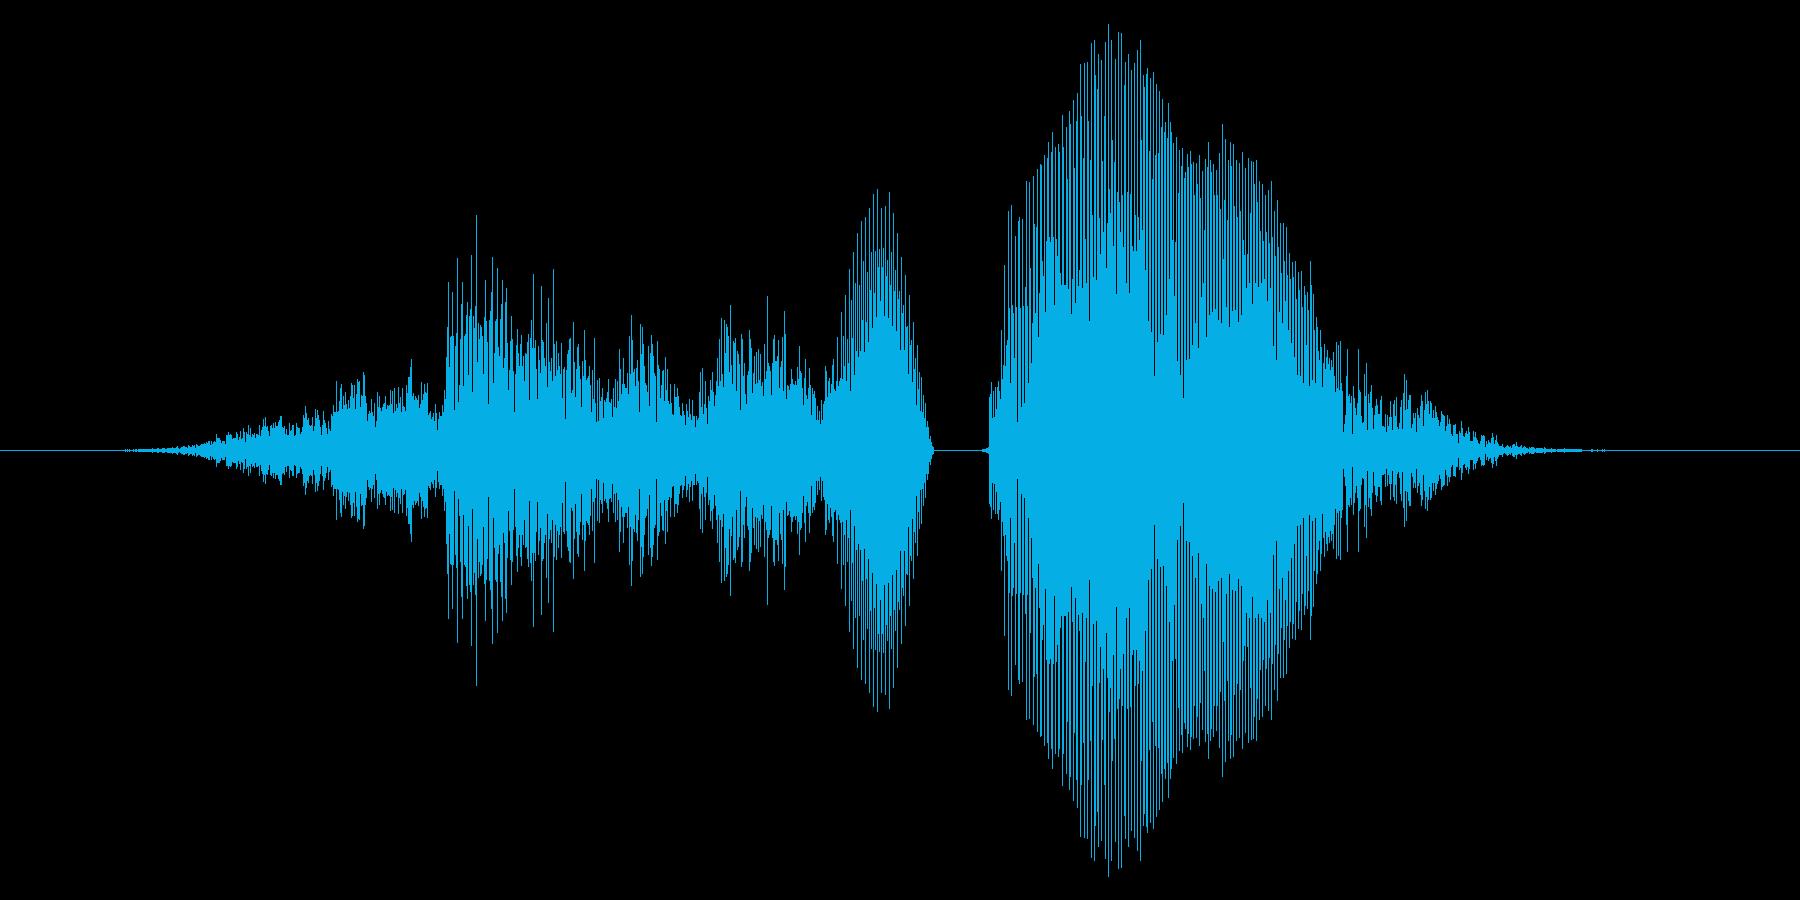 さすがぁ!【ロリキャラの褒めボイス】の再生済みの波形